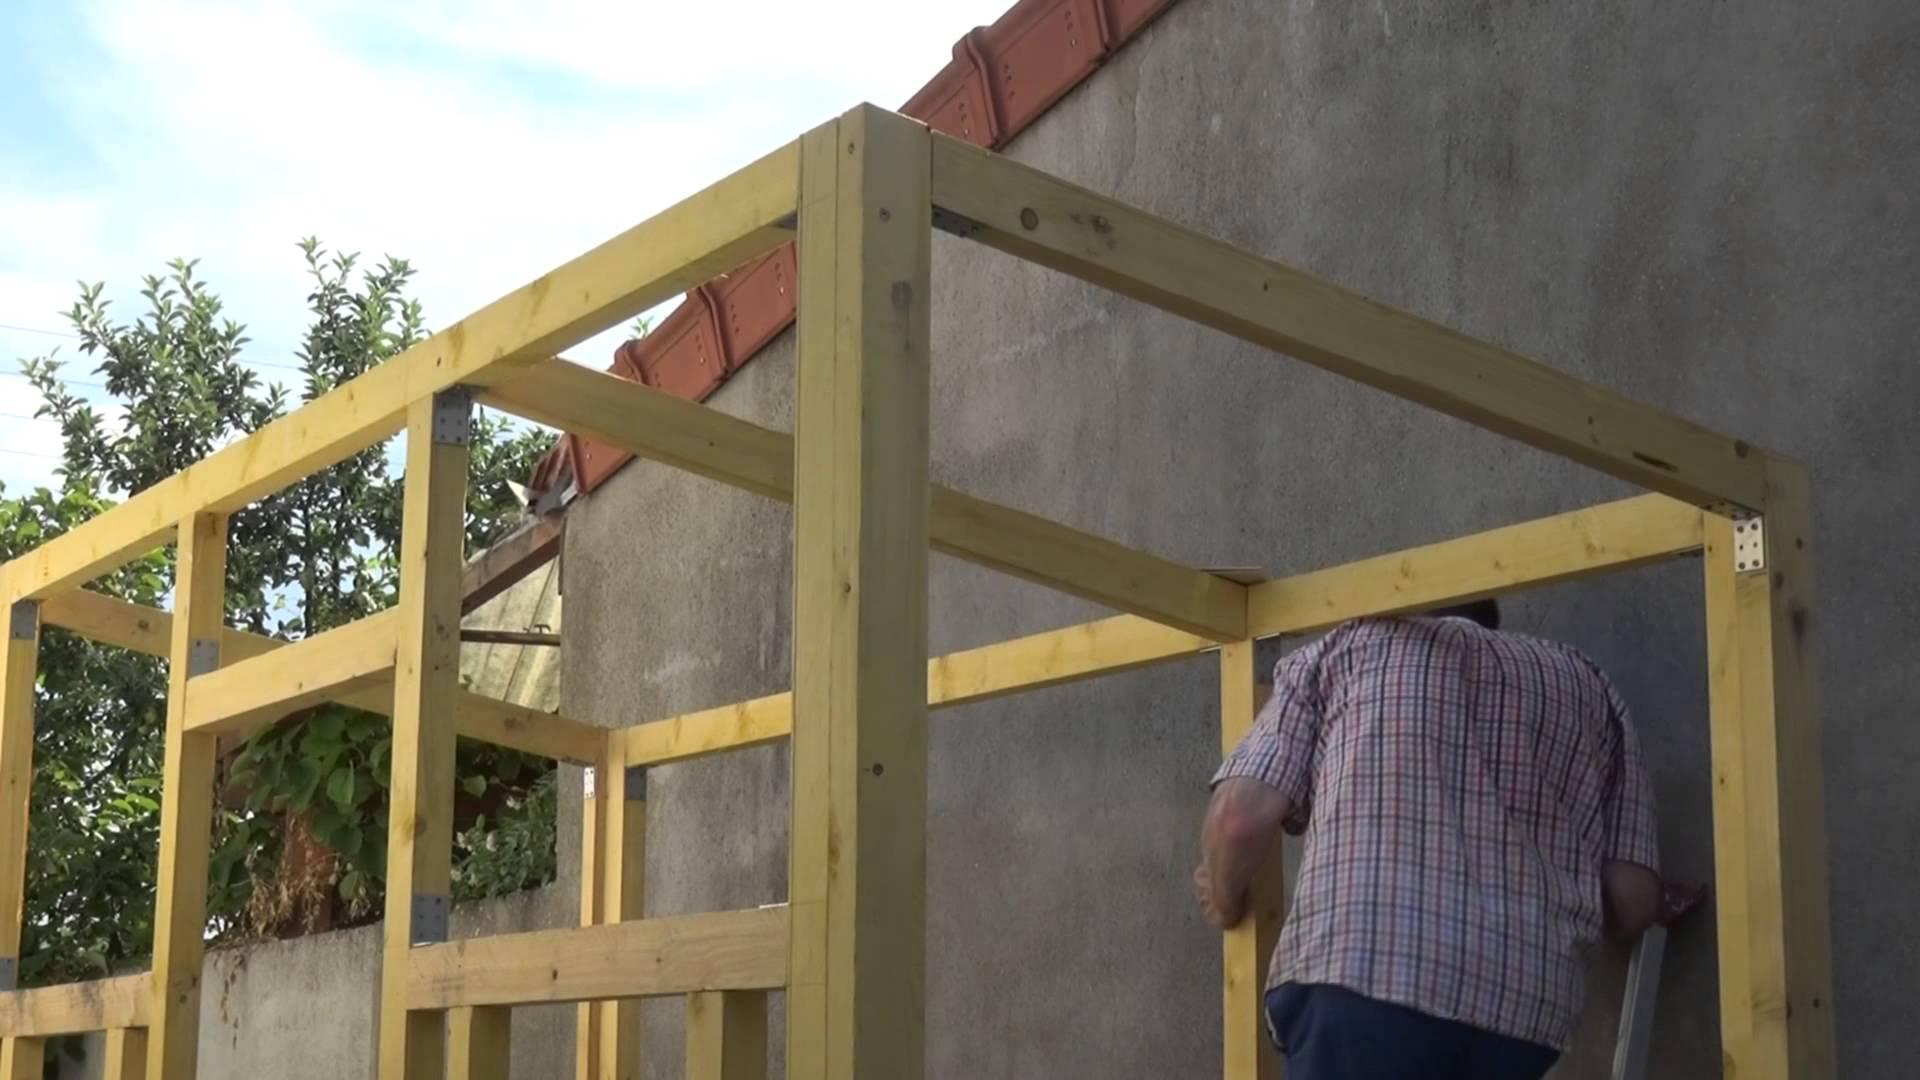 Construire Abri De Jardin Des Idées - Idees Conception Jardin encequiconcerne Construire Son Abri De Jardin En Palette